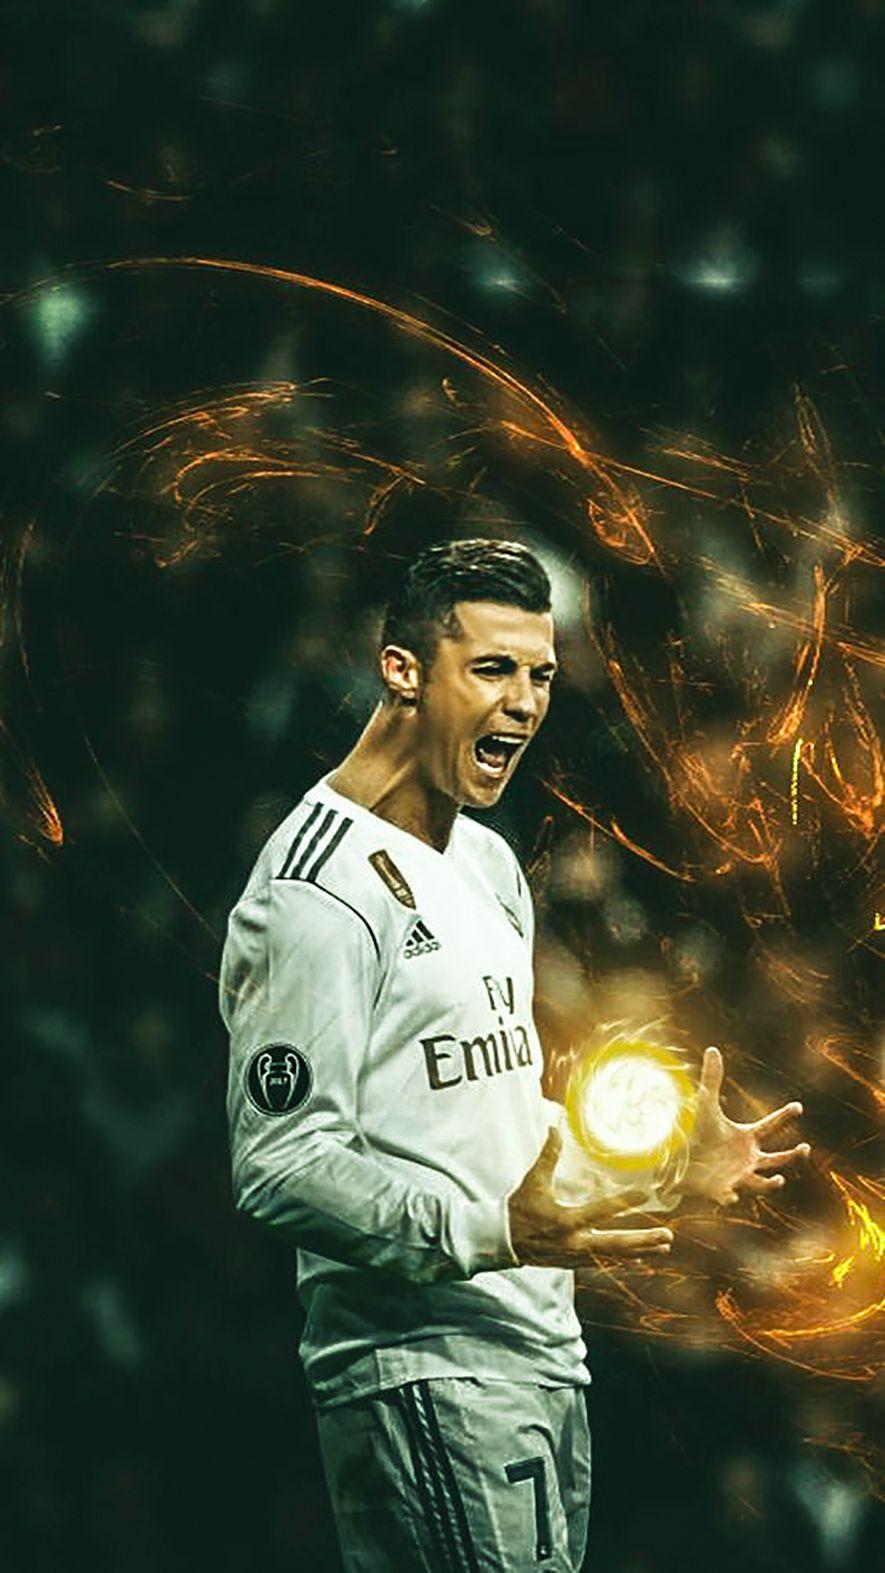 Cristiano Ronaldo Ronaldo Crstiano Ronaldo Cristiano Ronaldo